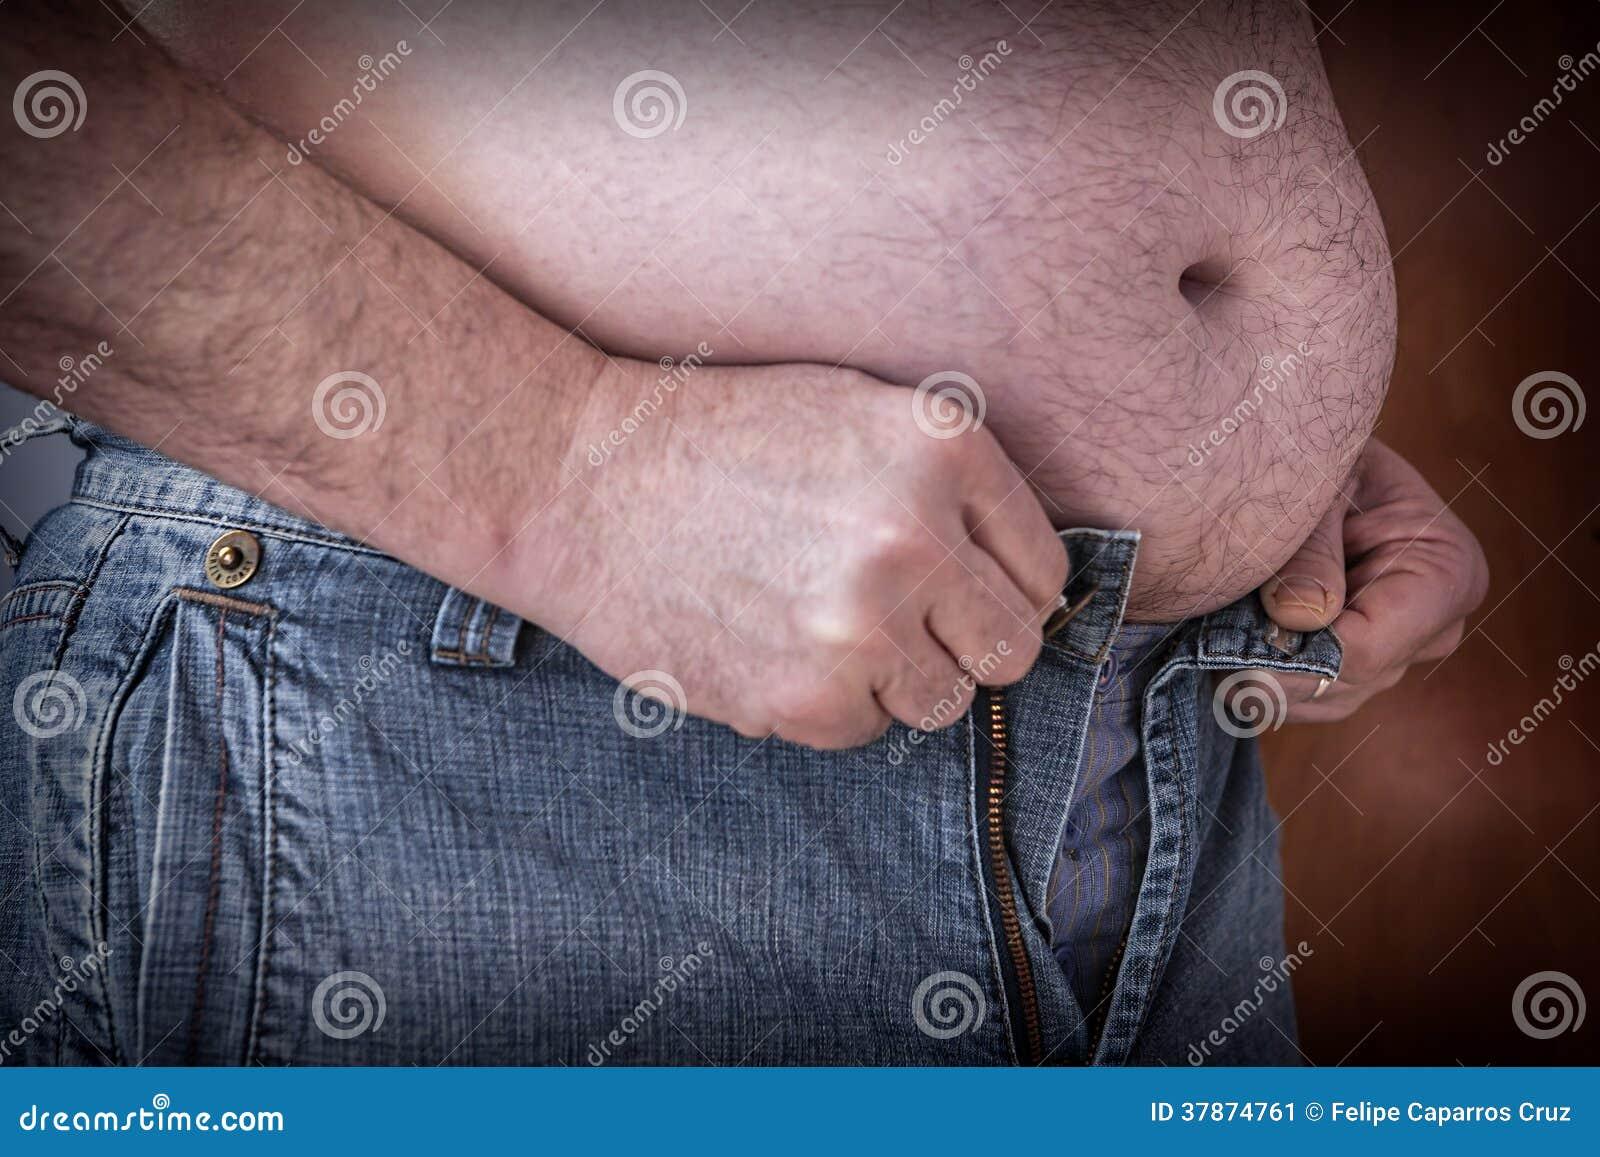 Полный человек пробуя прикрепить слишком малые одежды